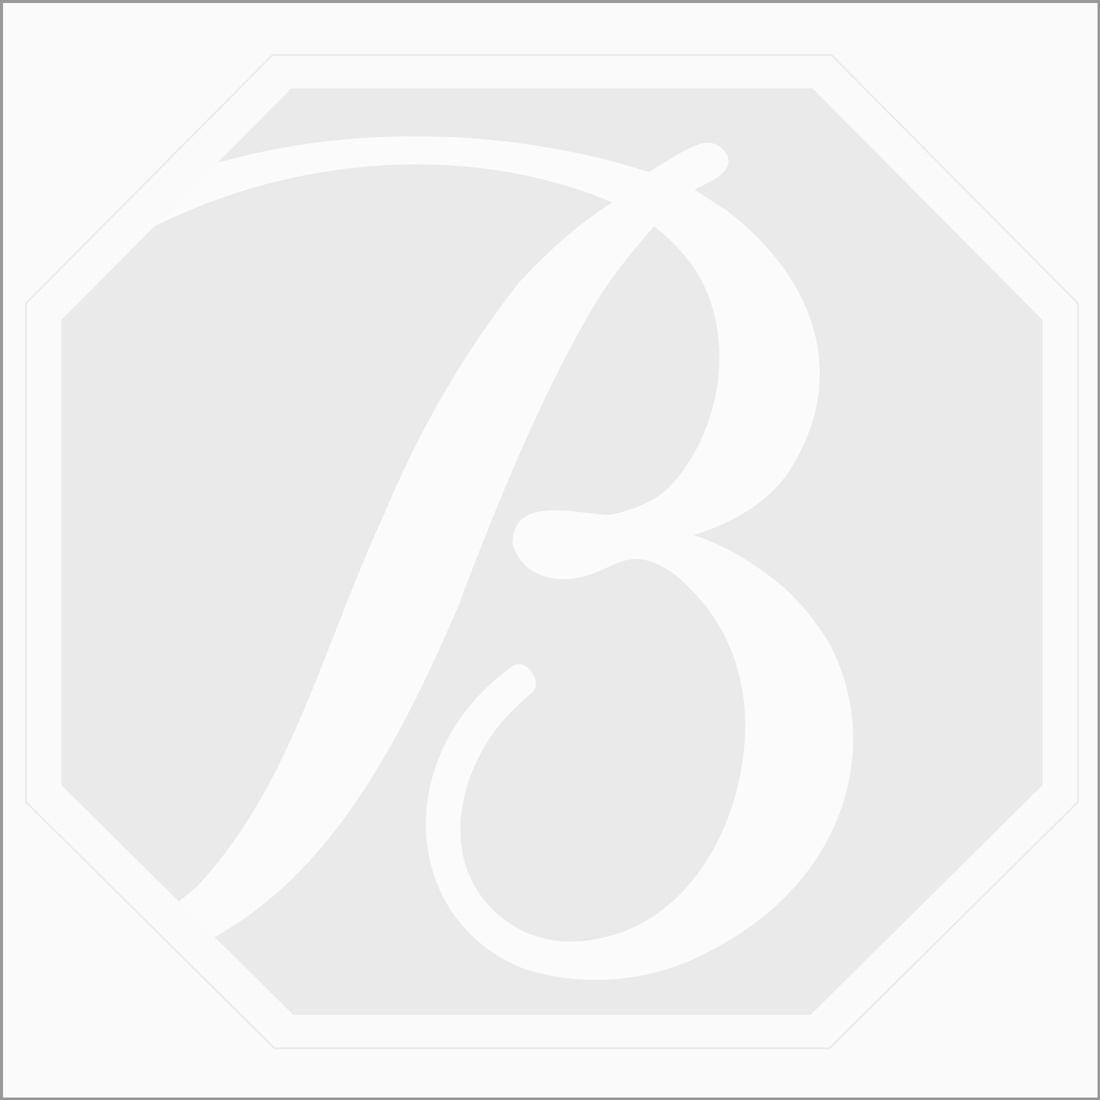 2 Pcs - Dark Green Tourmaline Rose Cuts - 8.1 ct. - 13.9 x 10 x 3.2 mm & 14.5 x 9.9 x 3.3 mm (TRC1019)